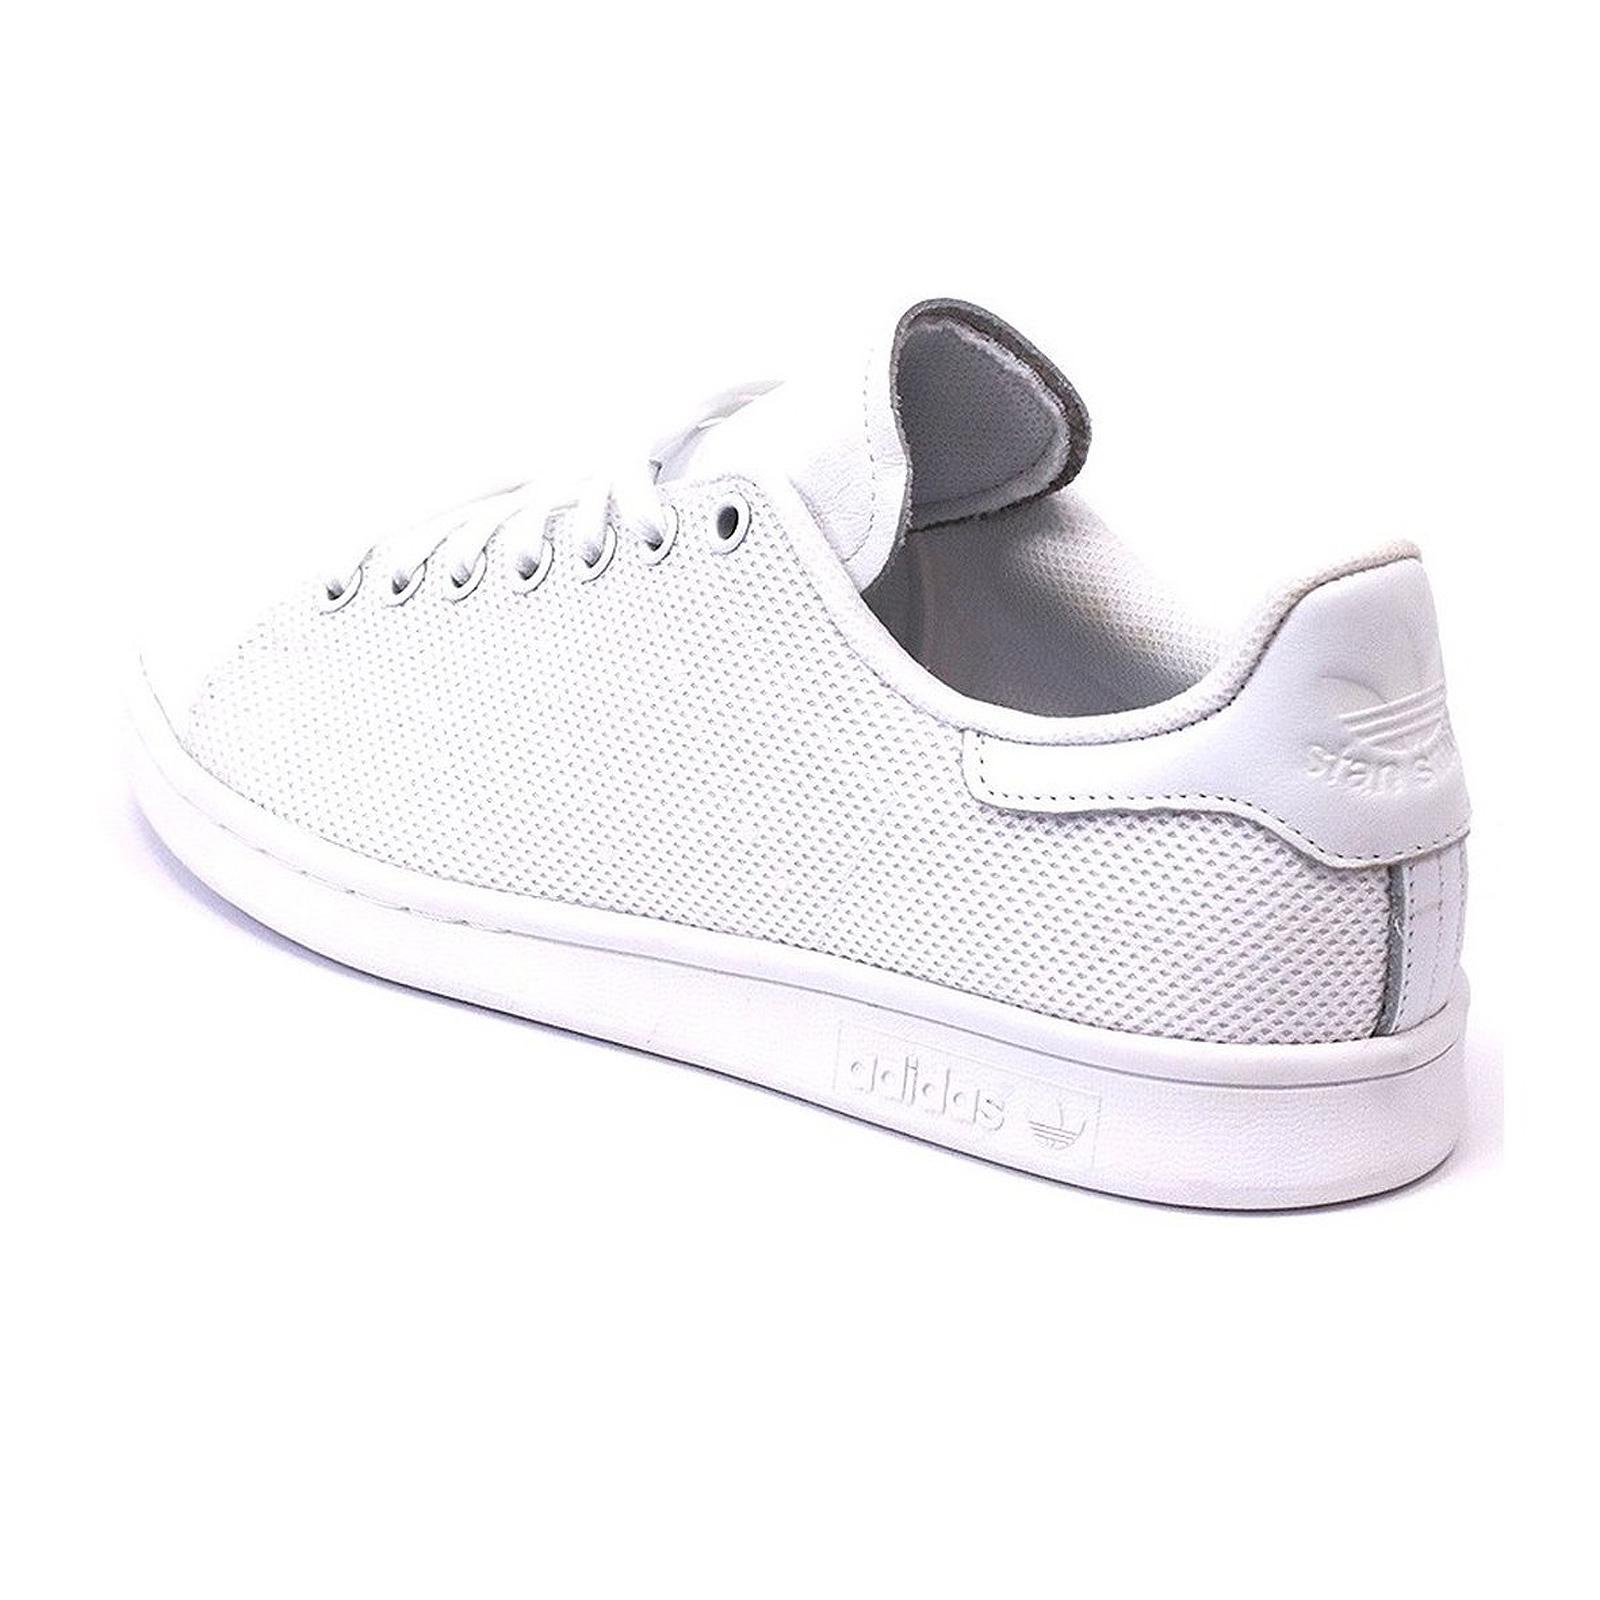 adidas Originals Stan Smith Clean White Herren Sneaker Turnschuhe Weiß BB4998